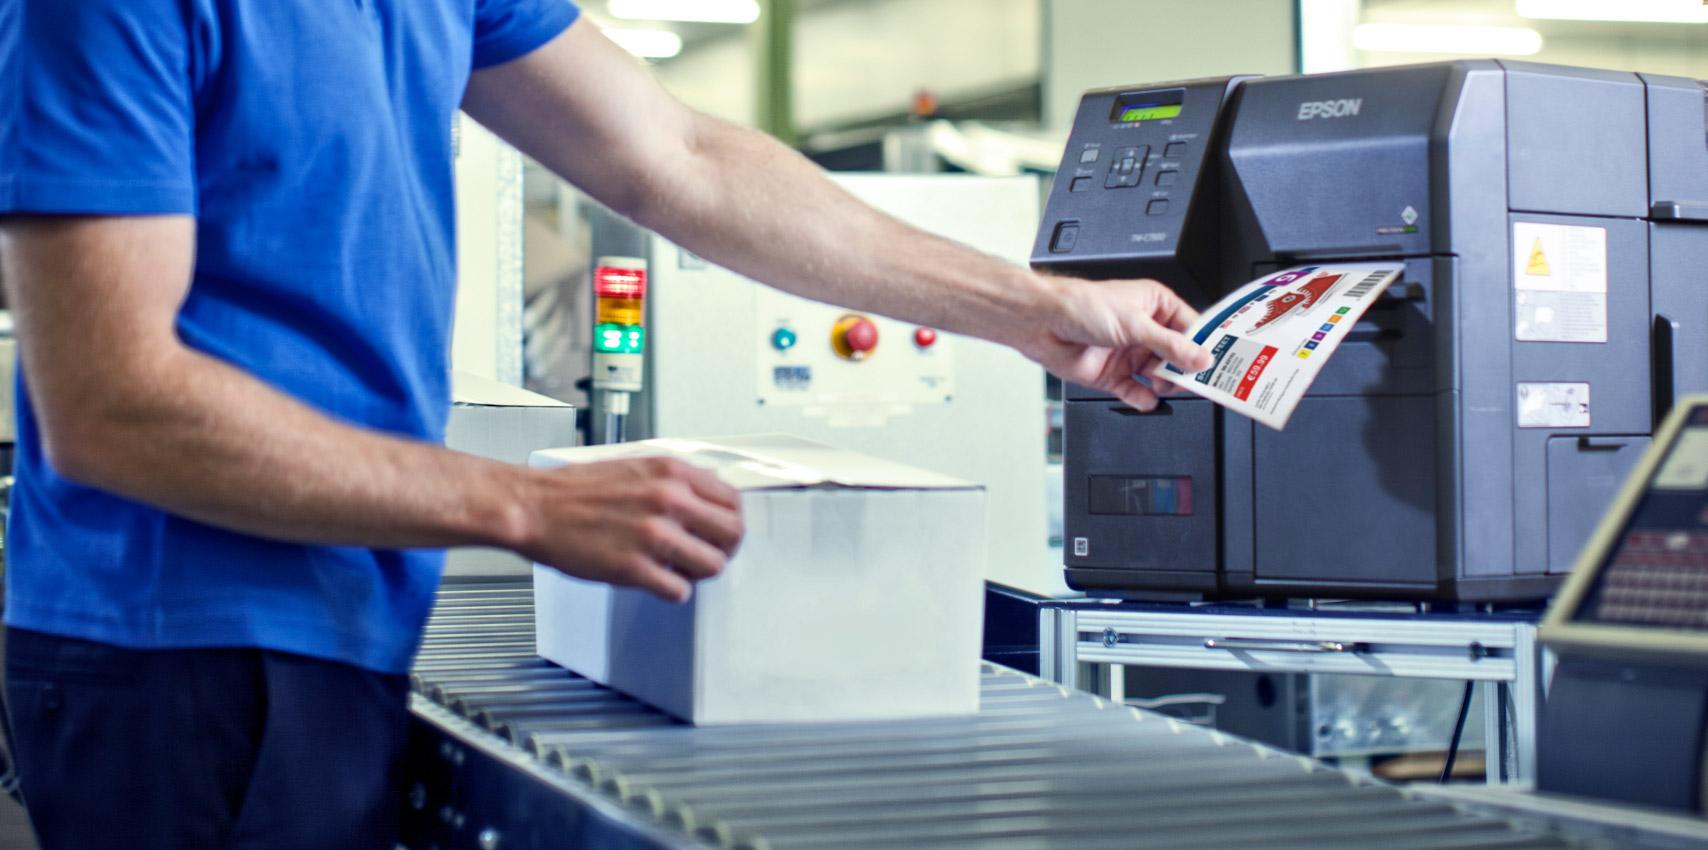 Etikettendruck mit dem Epson Colorworks C7500